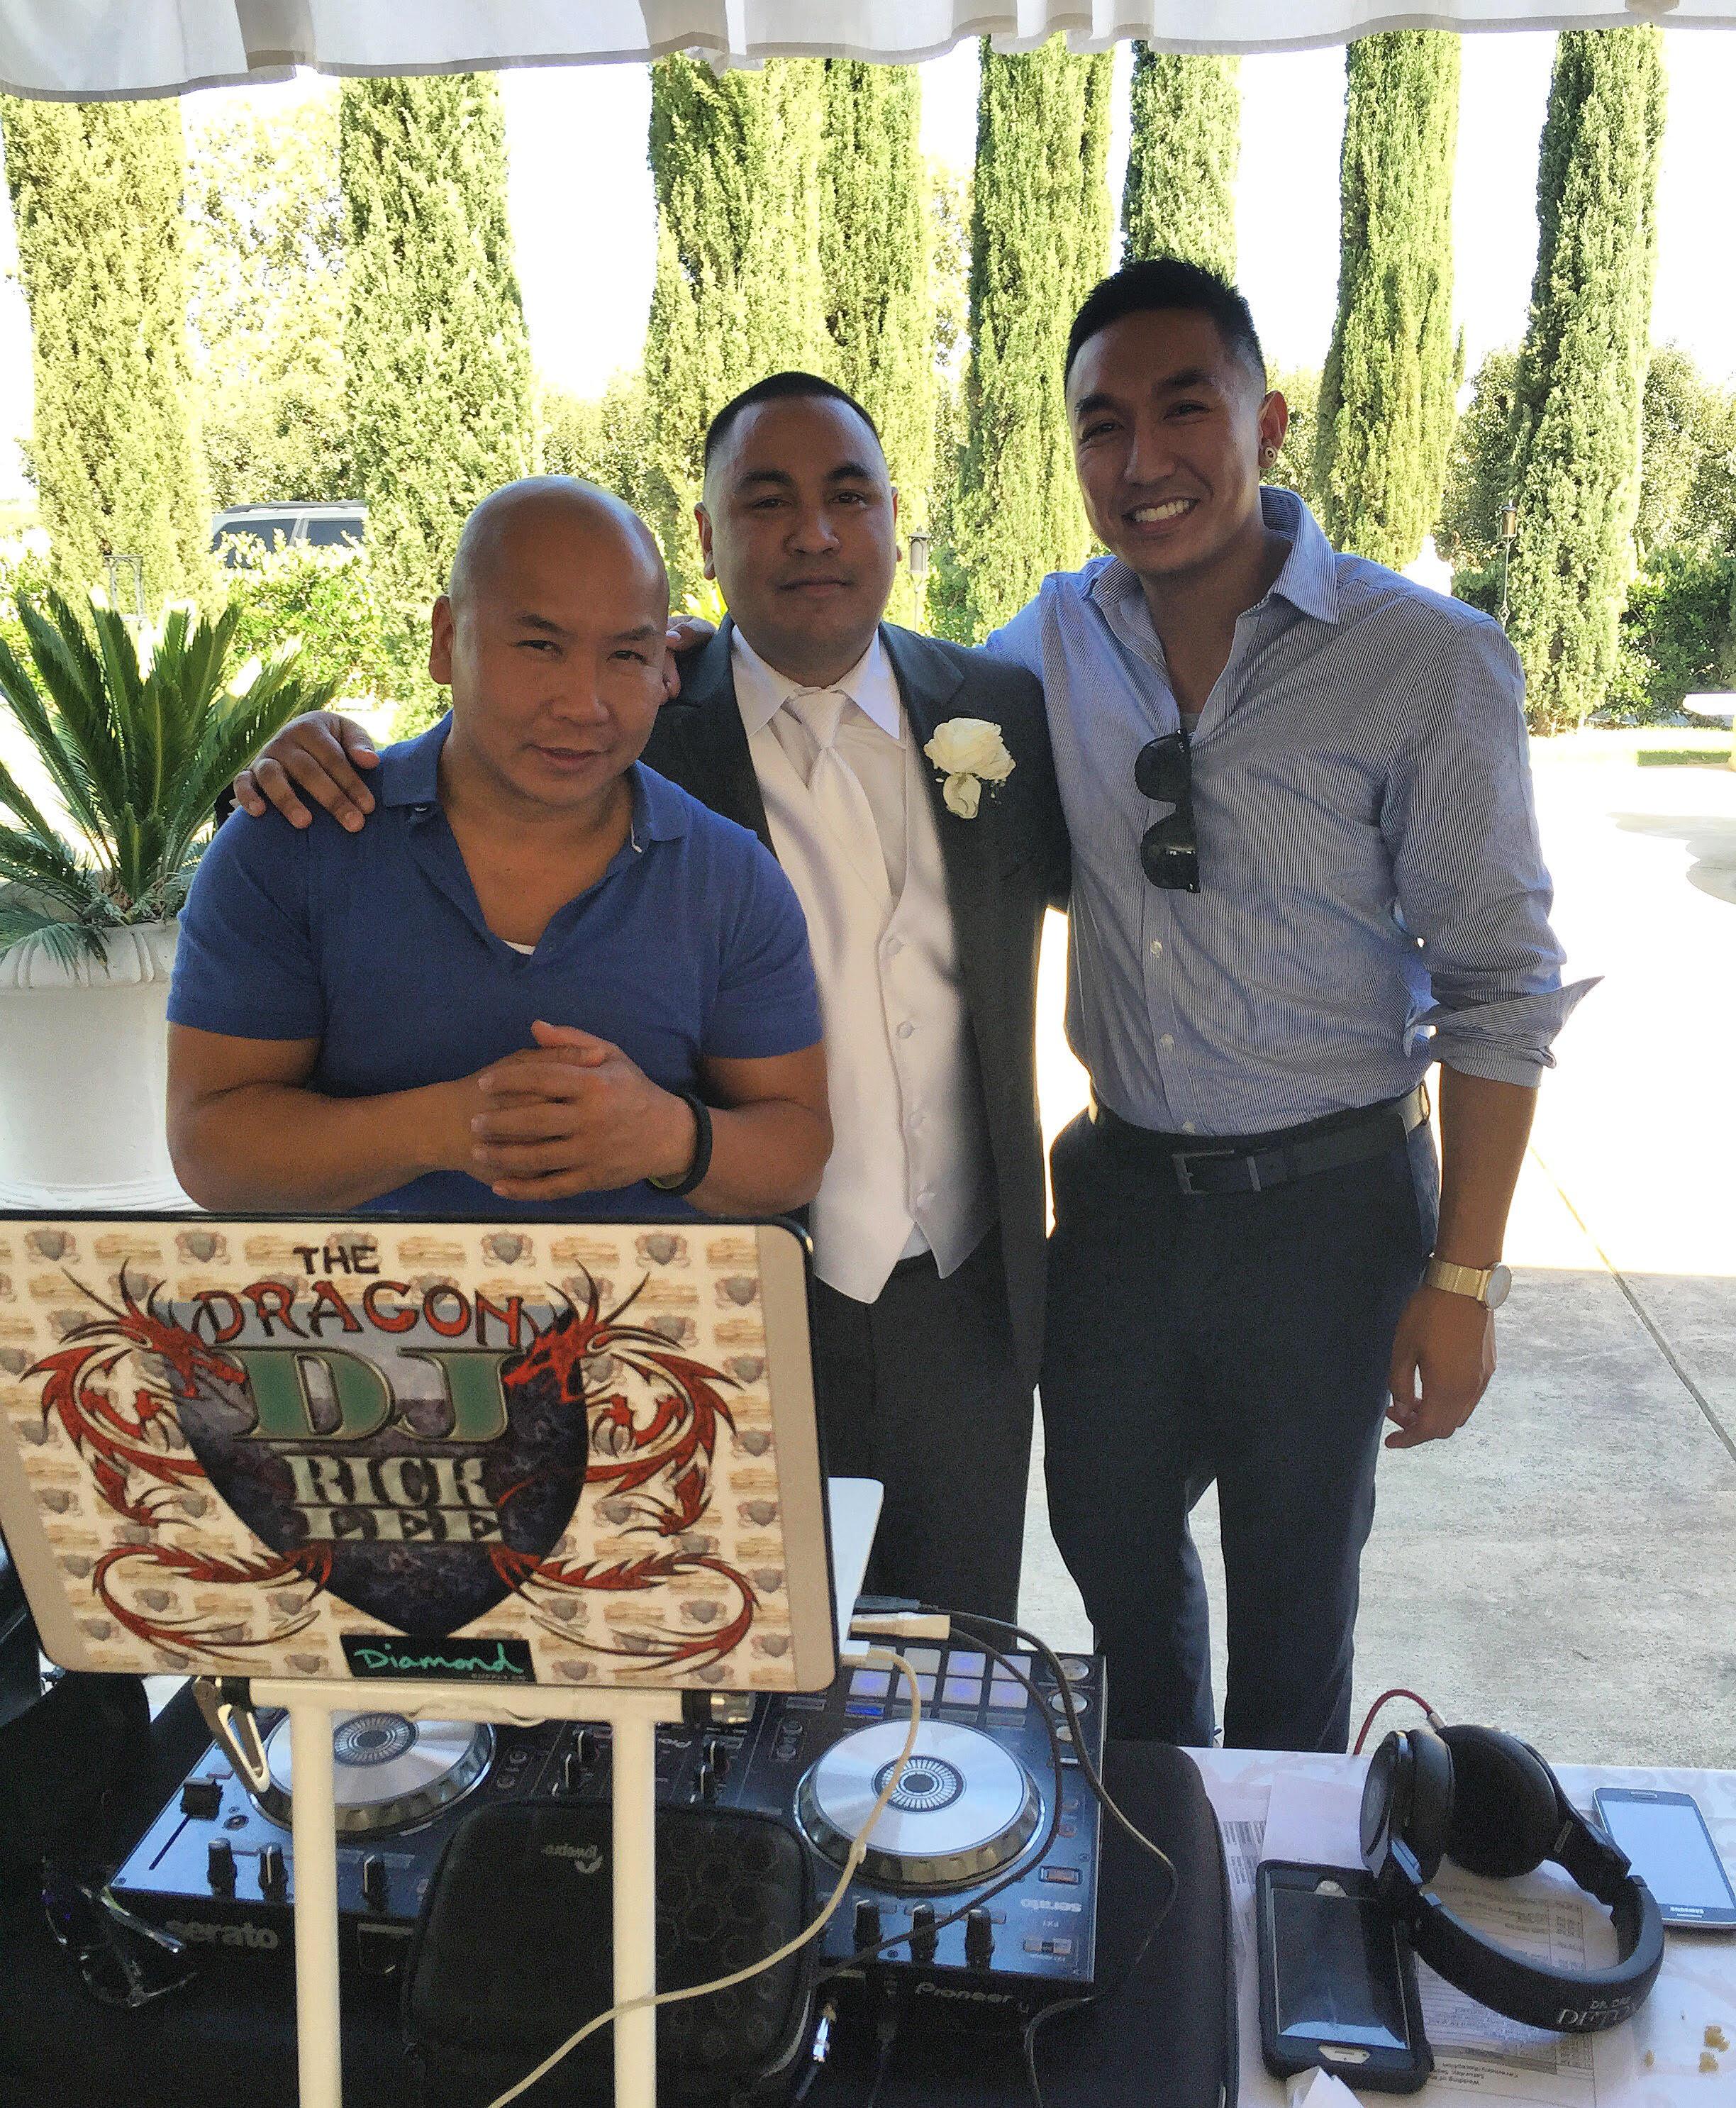 DJ Ricklee & DJ Crook